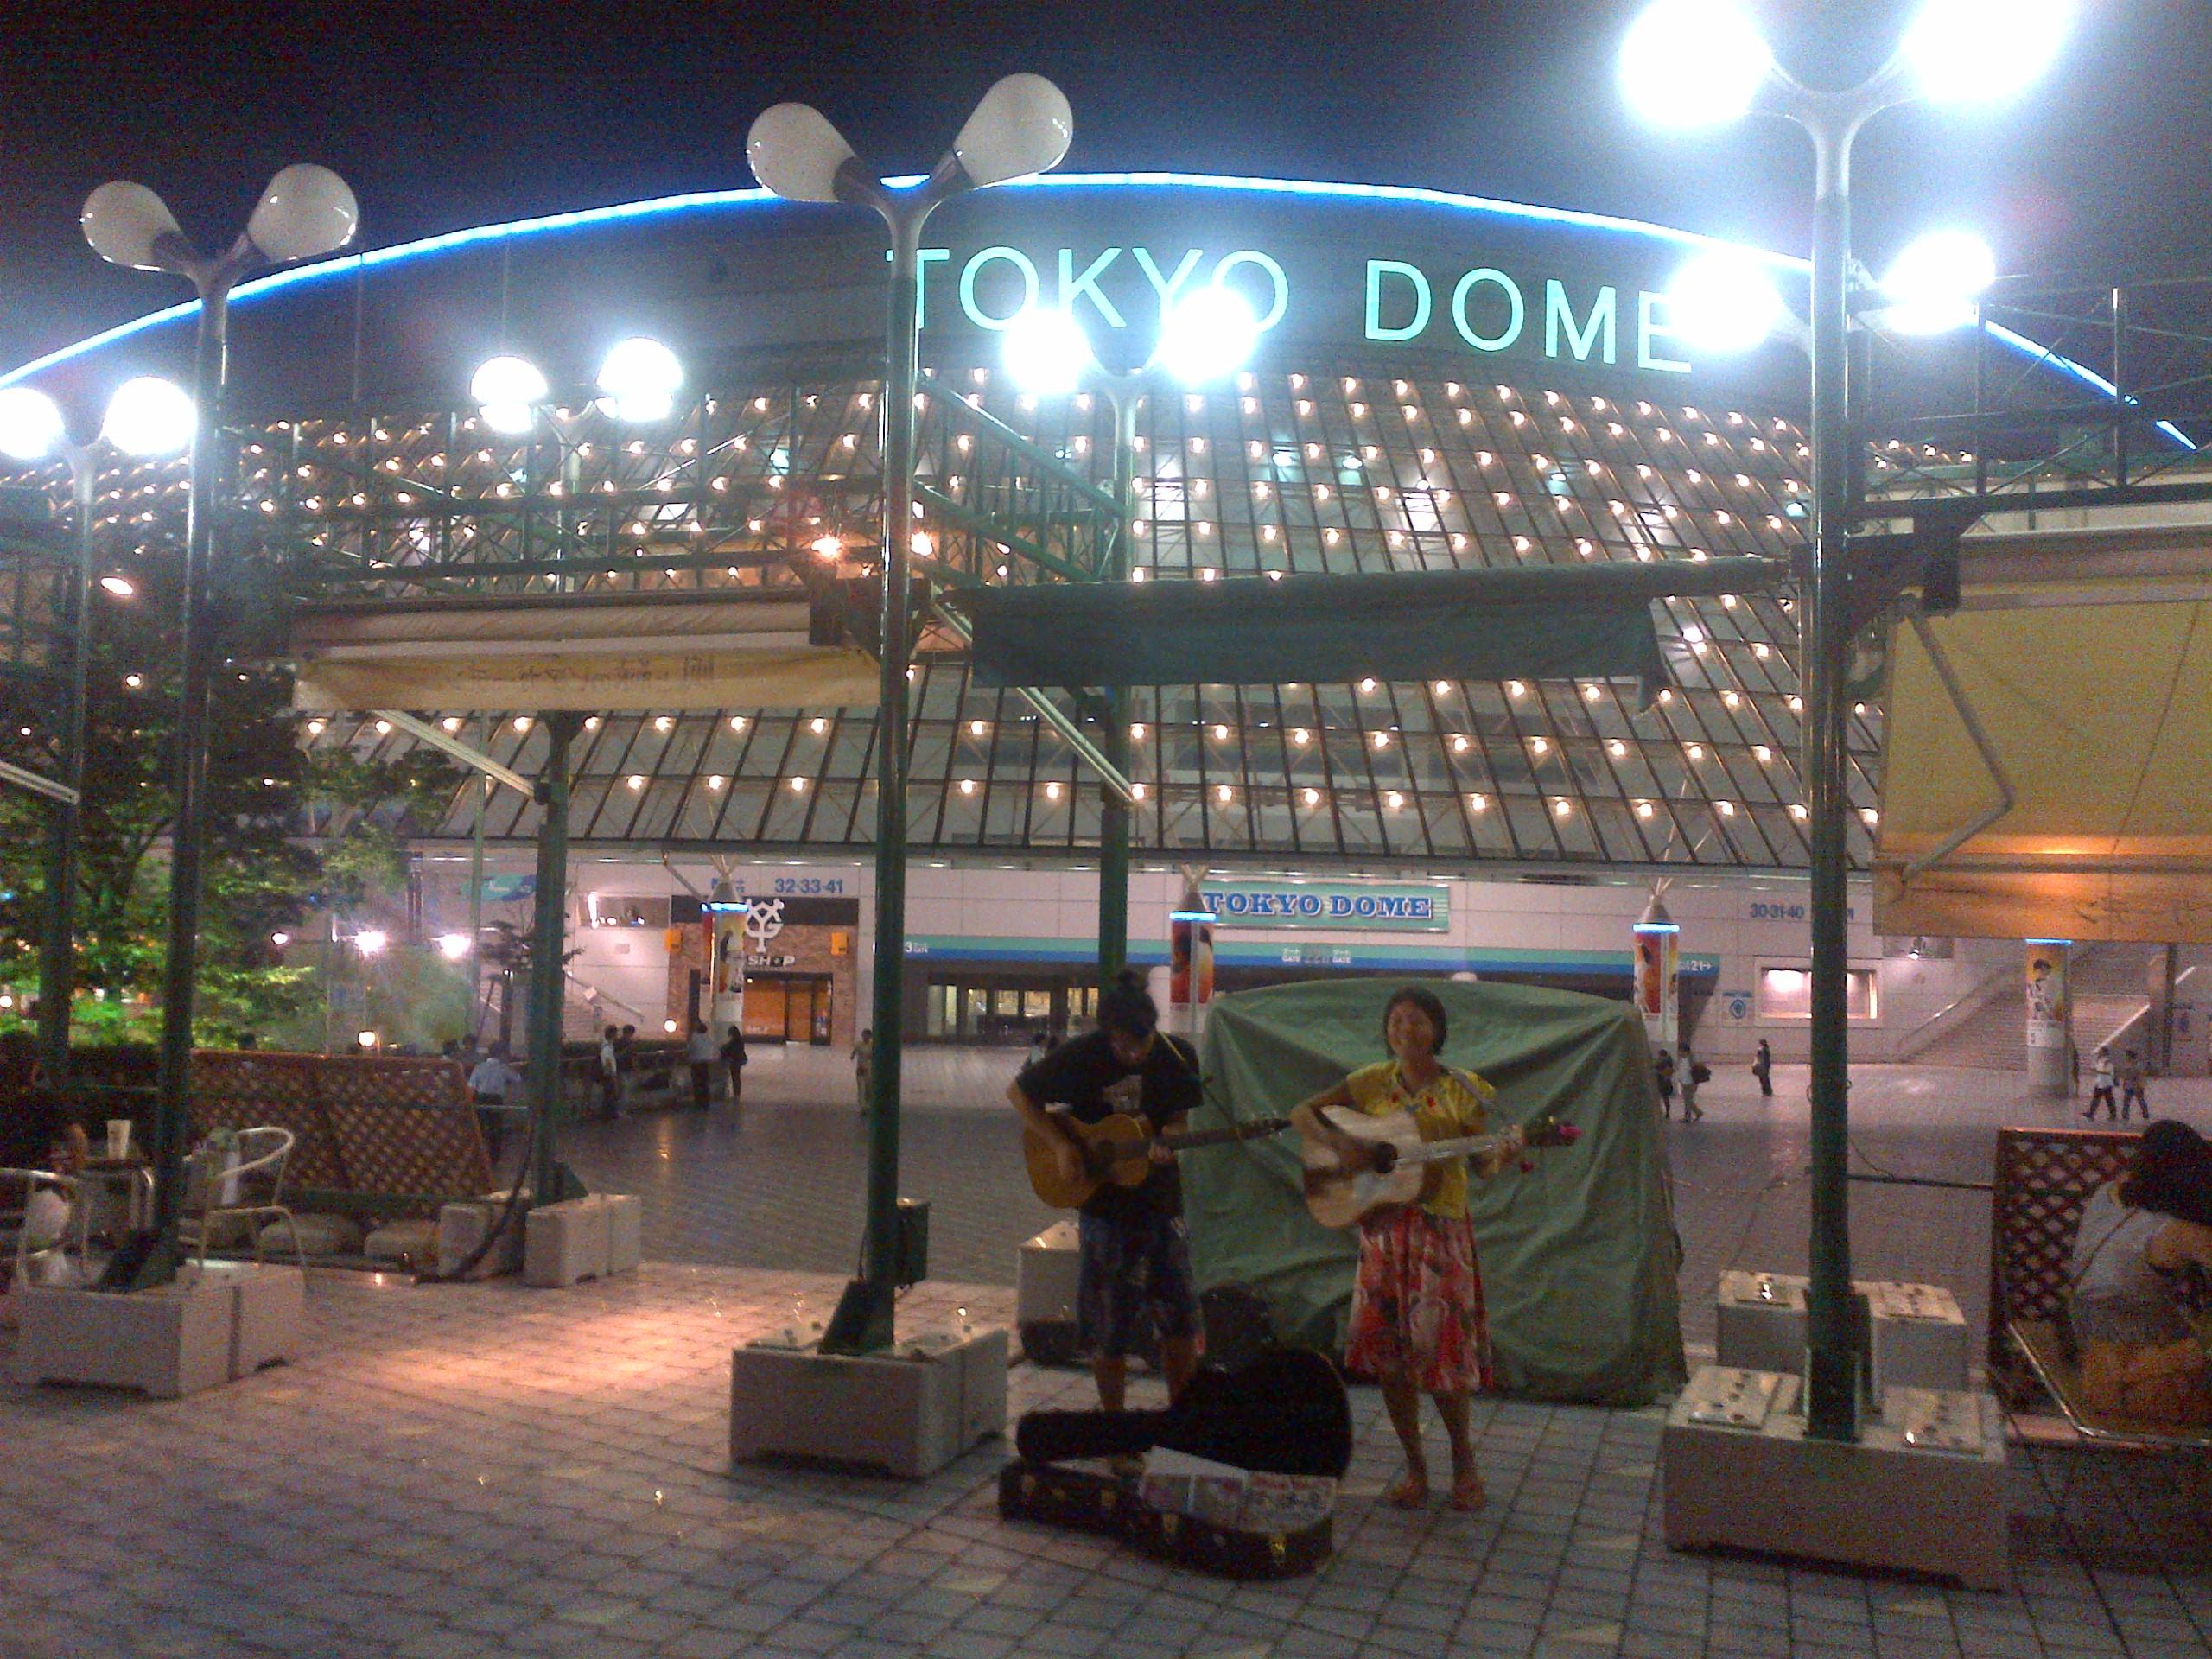 まなようへい、東京ドーム公演!